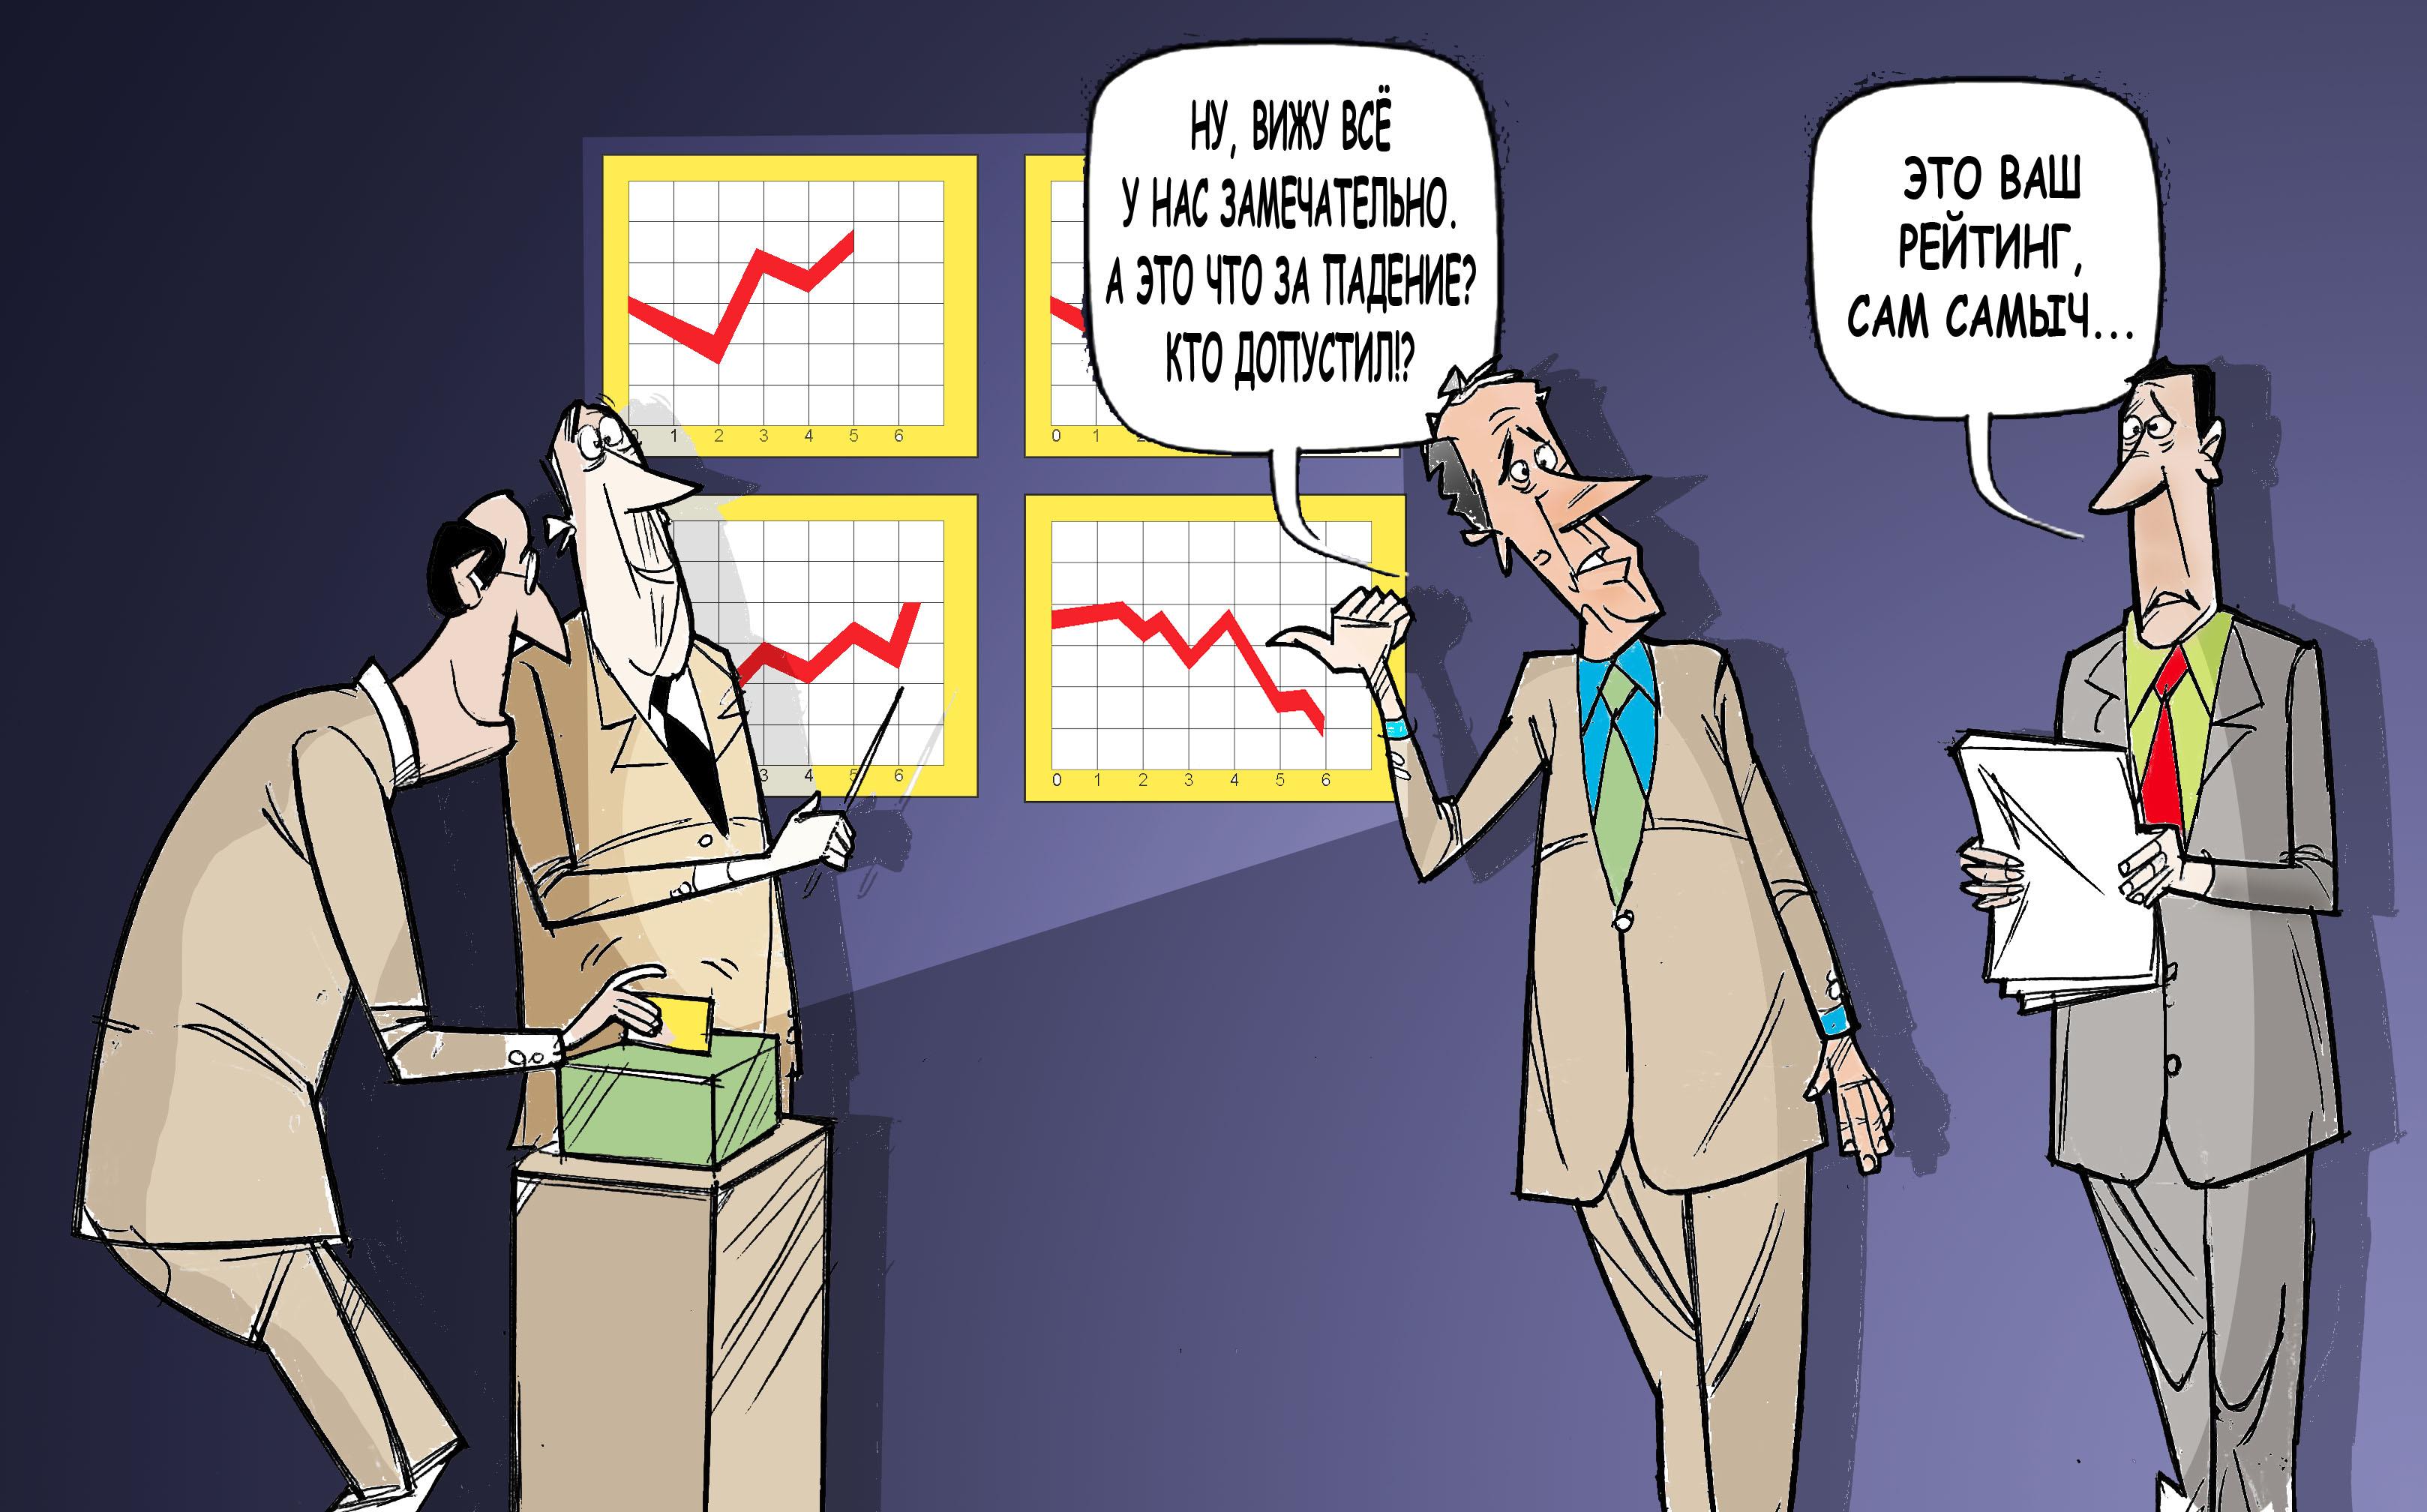 """Это же Ваш рейтинг Сам Самыч... #ПрезидентУдмуртия #Волков © Газета """"День"""" 2012"""